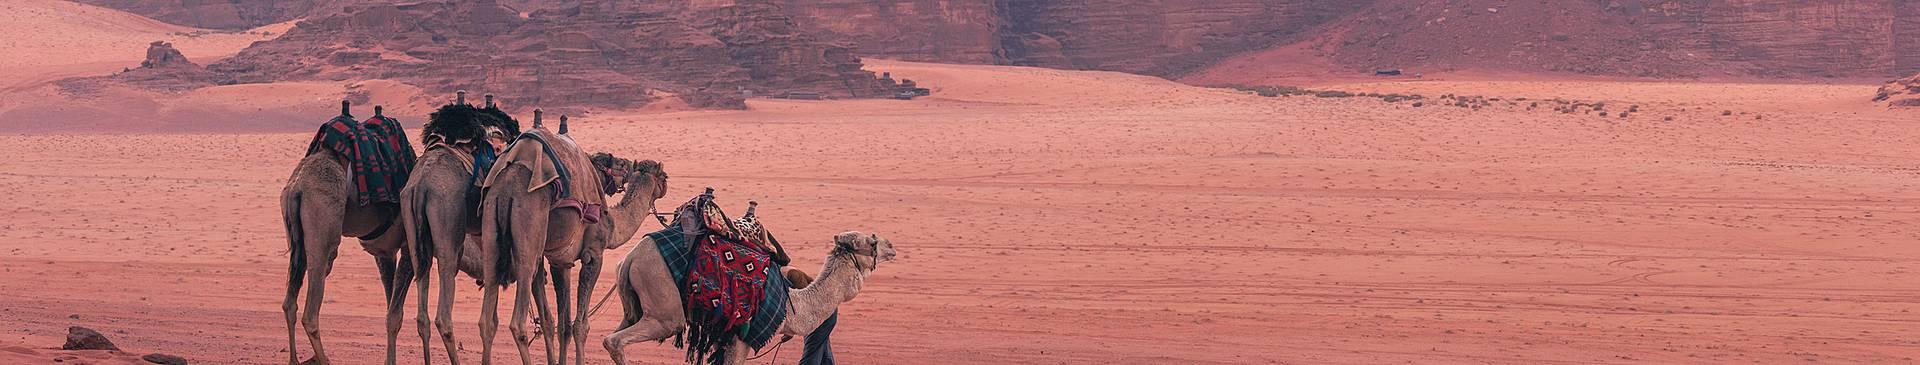 Viaggi nel deserto in Giordania